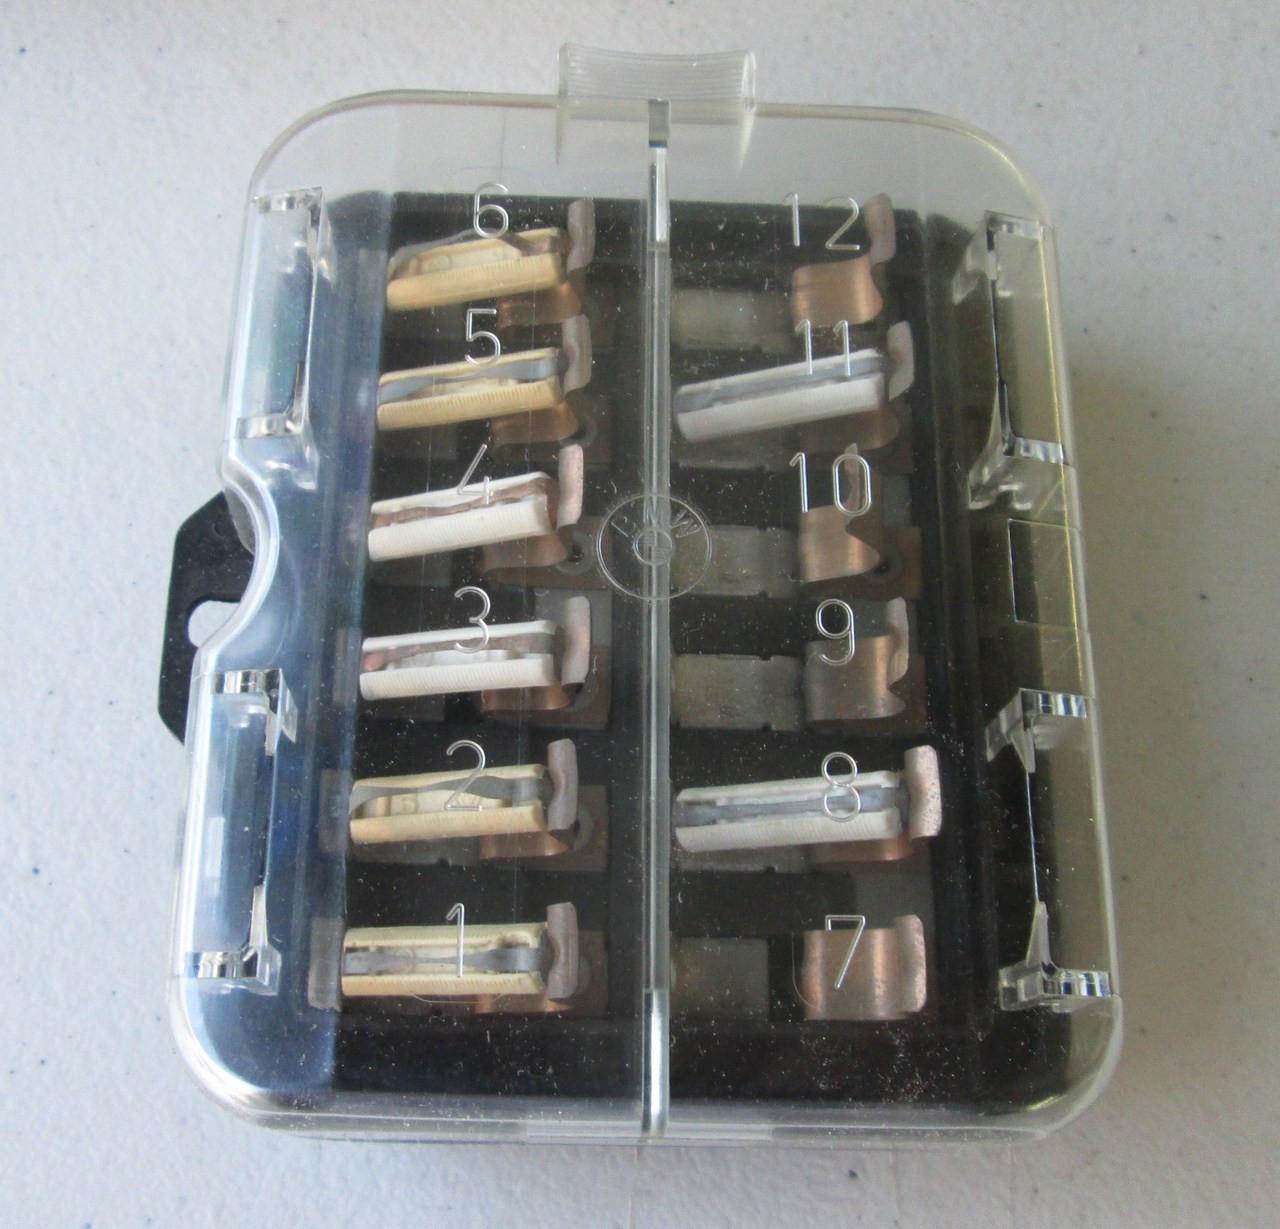 medium resolution of bmw 2002 fusebox 1971 73 rogerstii bmw x3 fuse box diagram bmw 2002 fusebox 1971 73